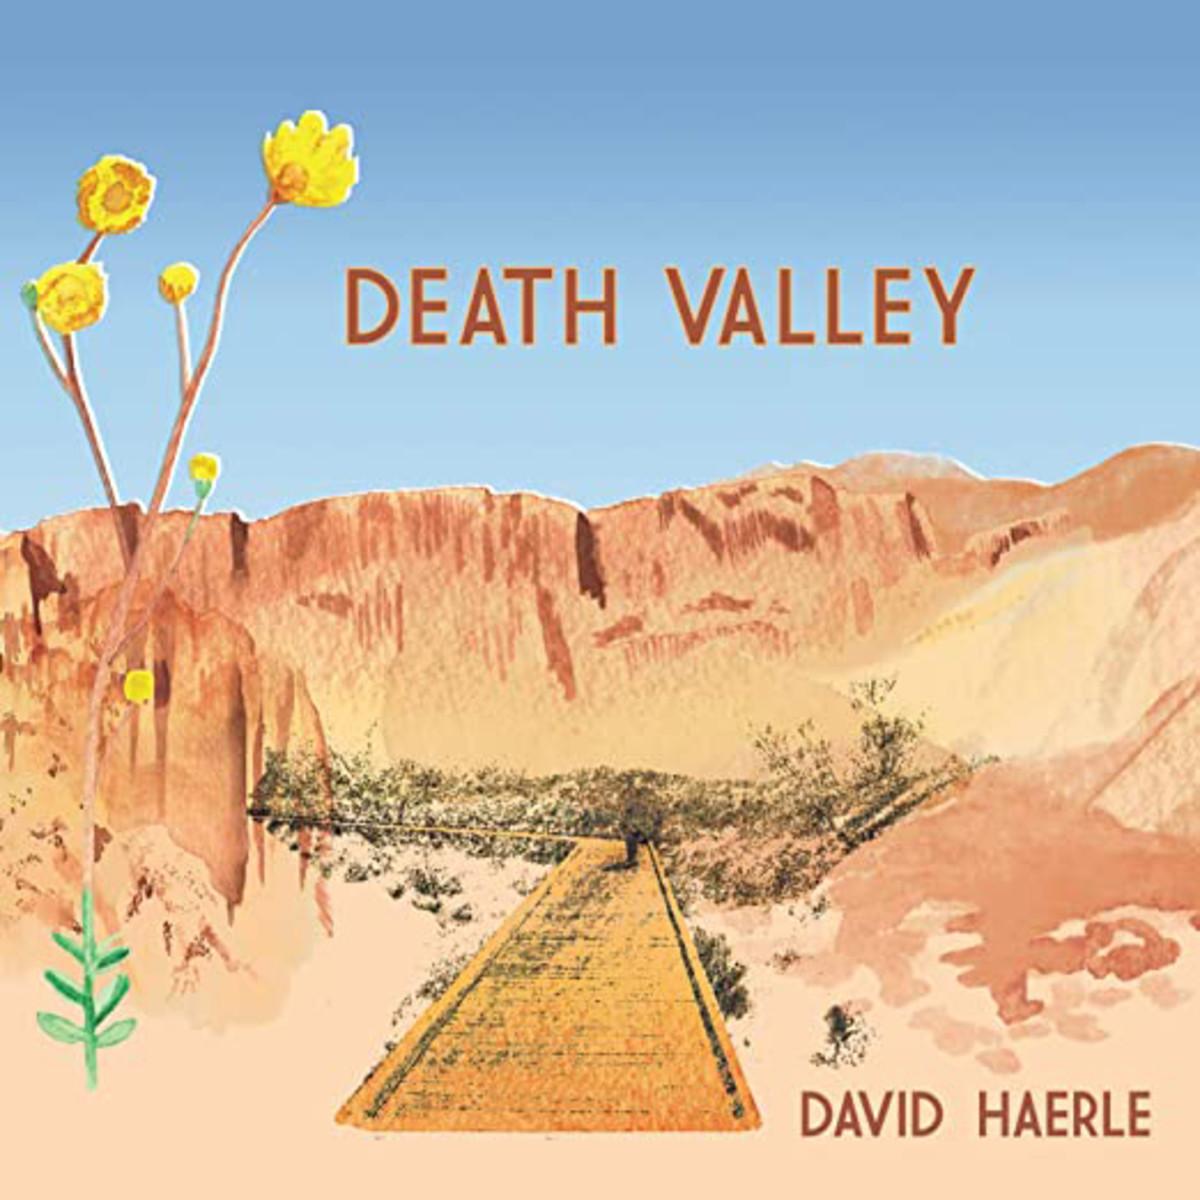 David Haerle